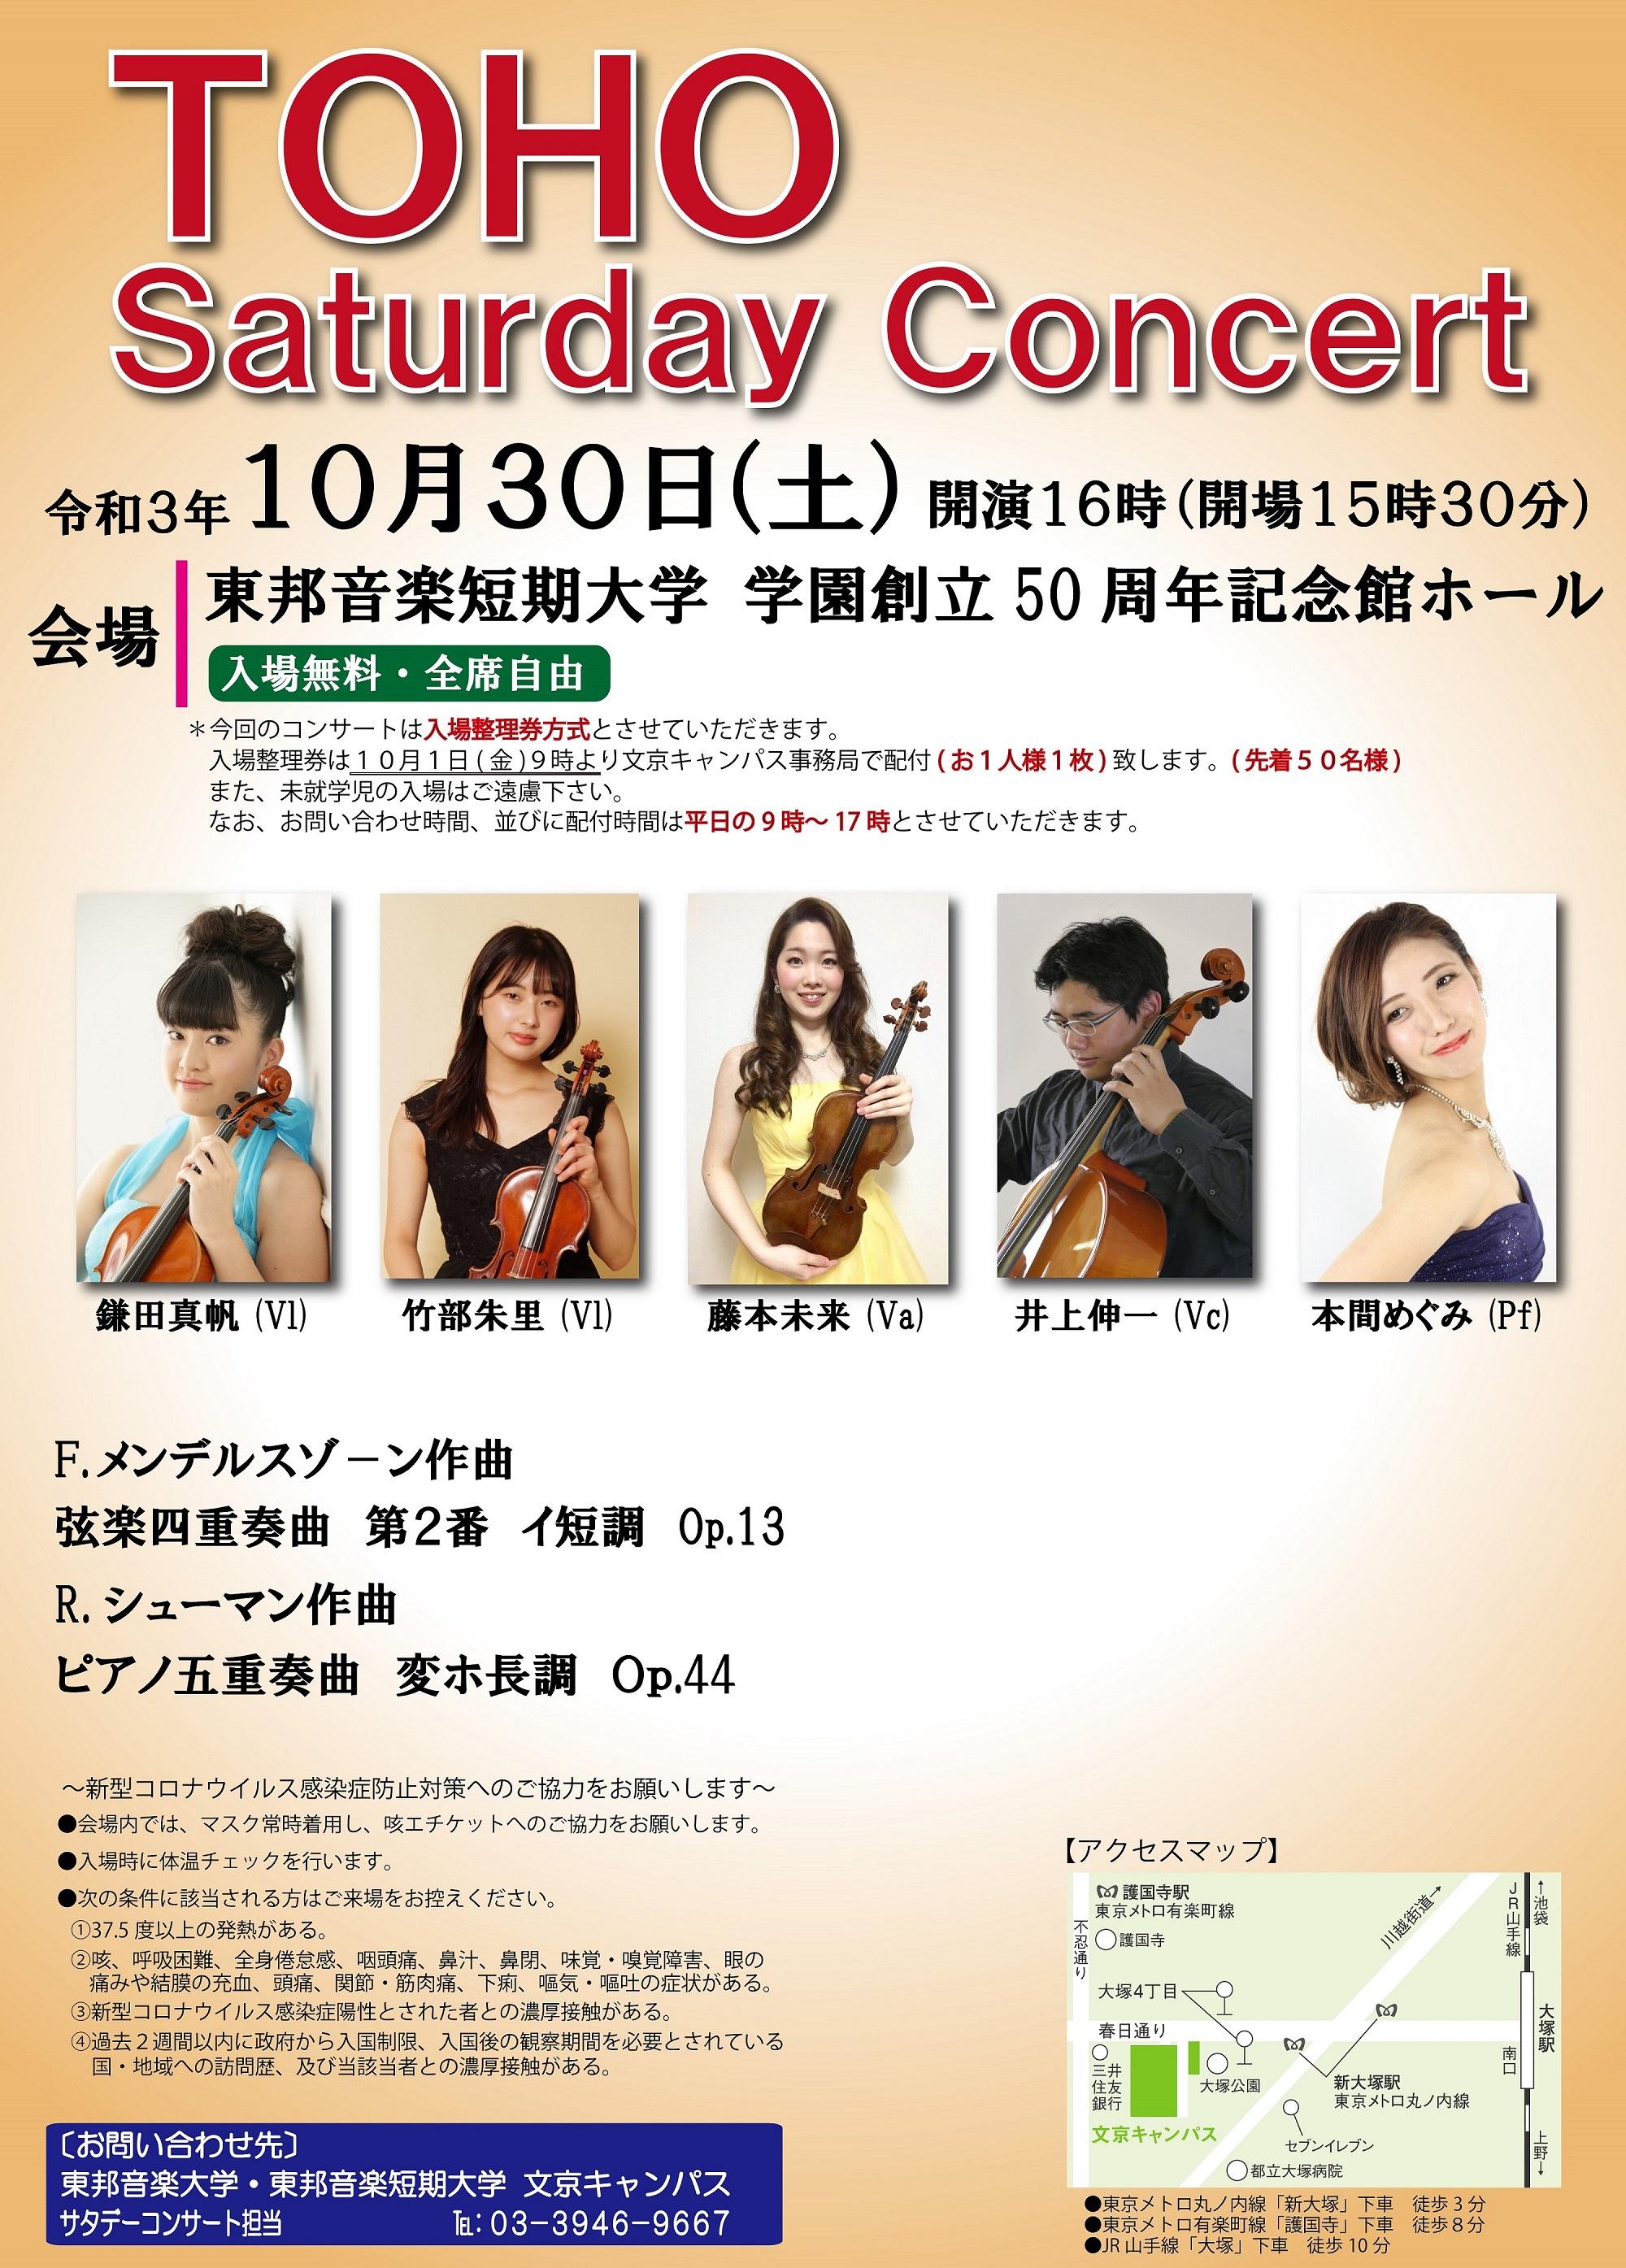 2021年10月30日(土) TOHO Saturday Concert